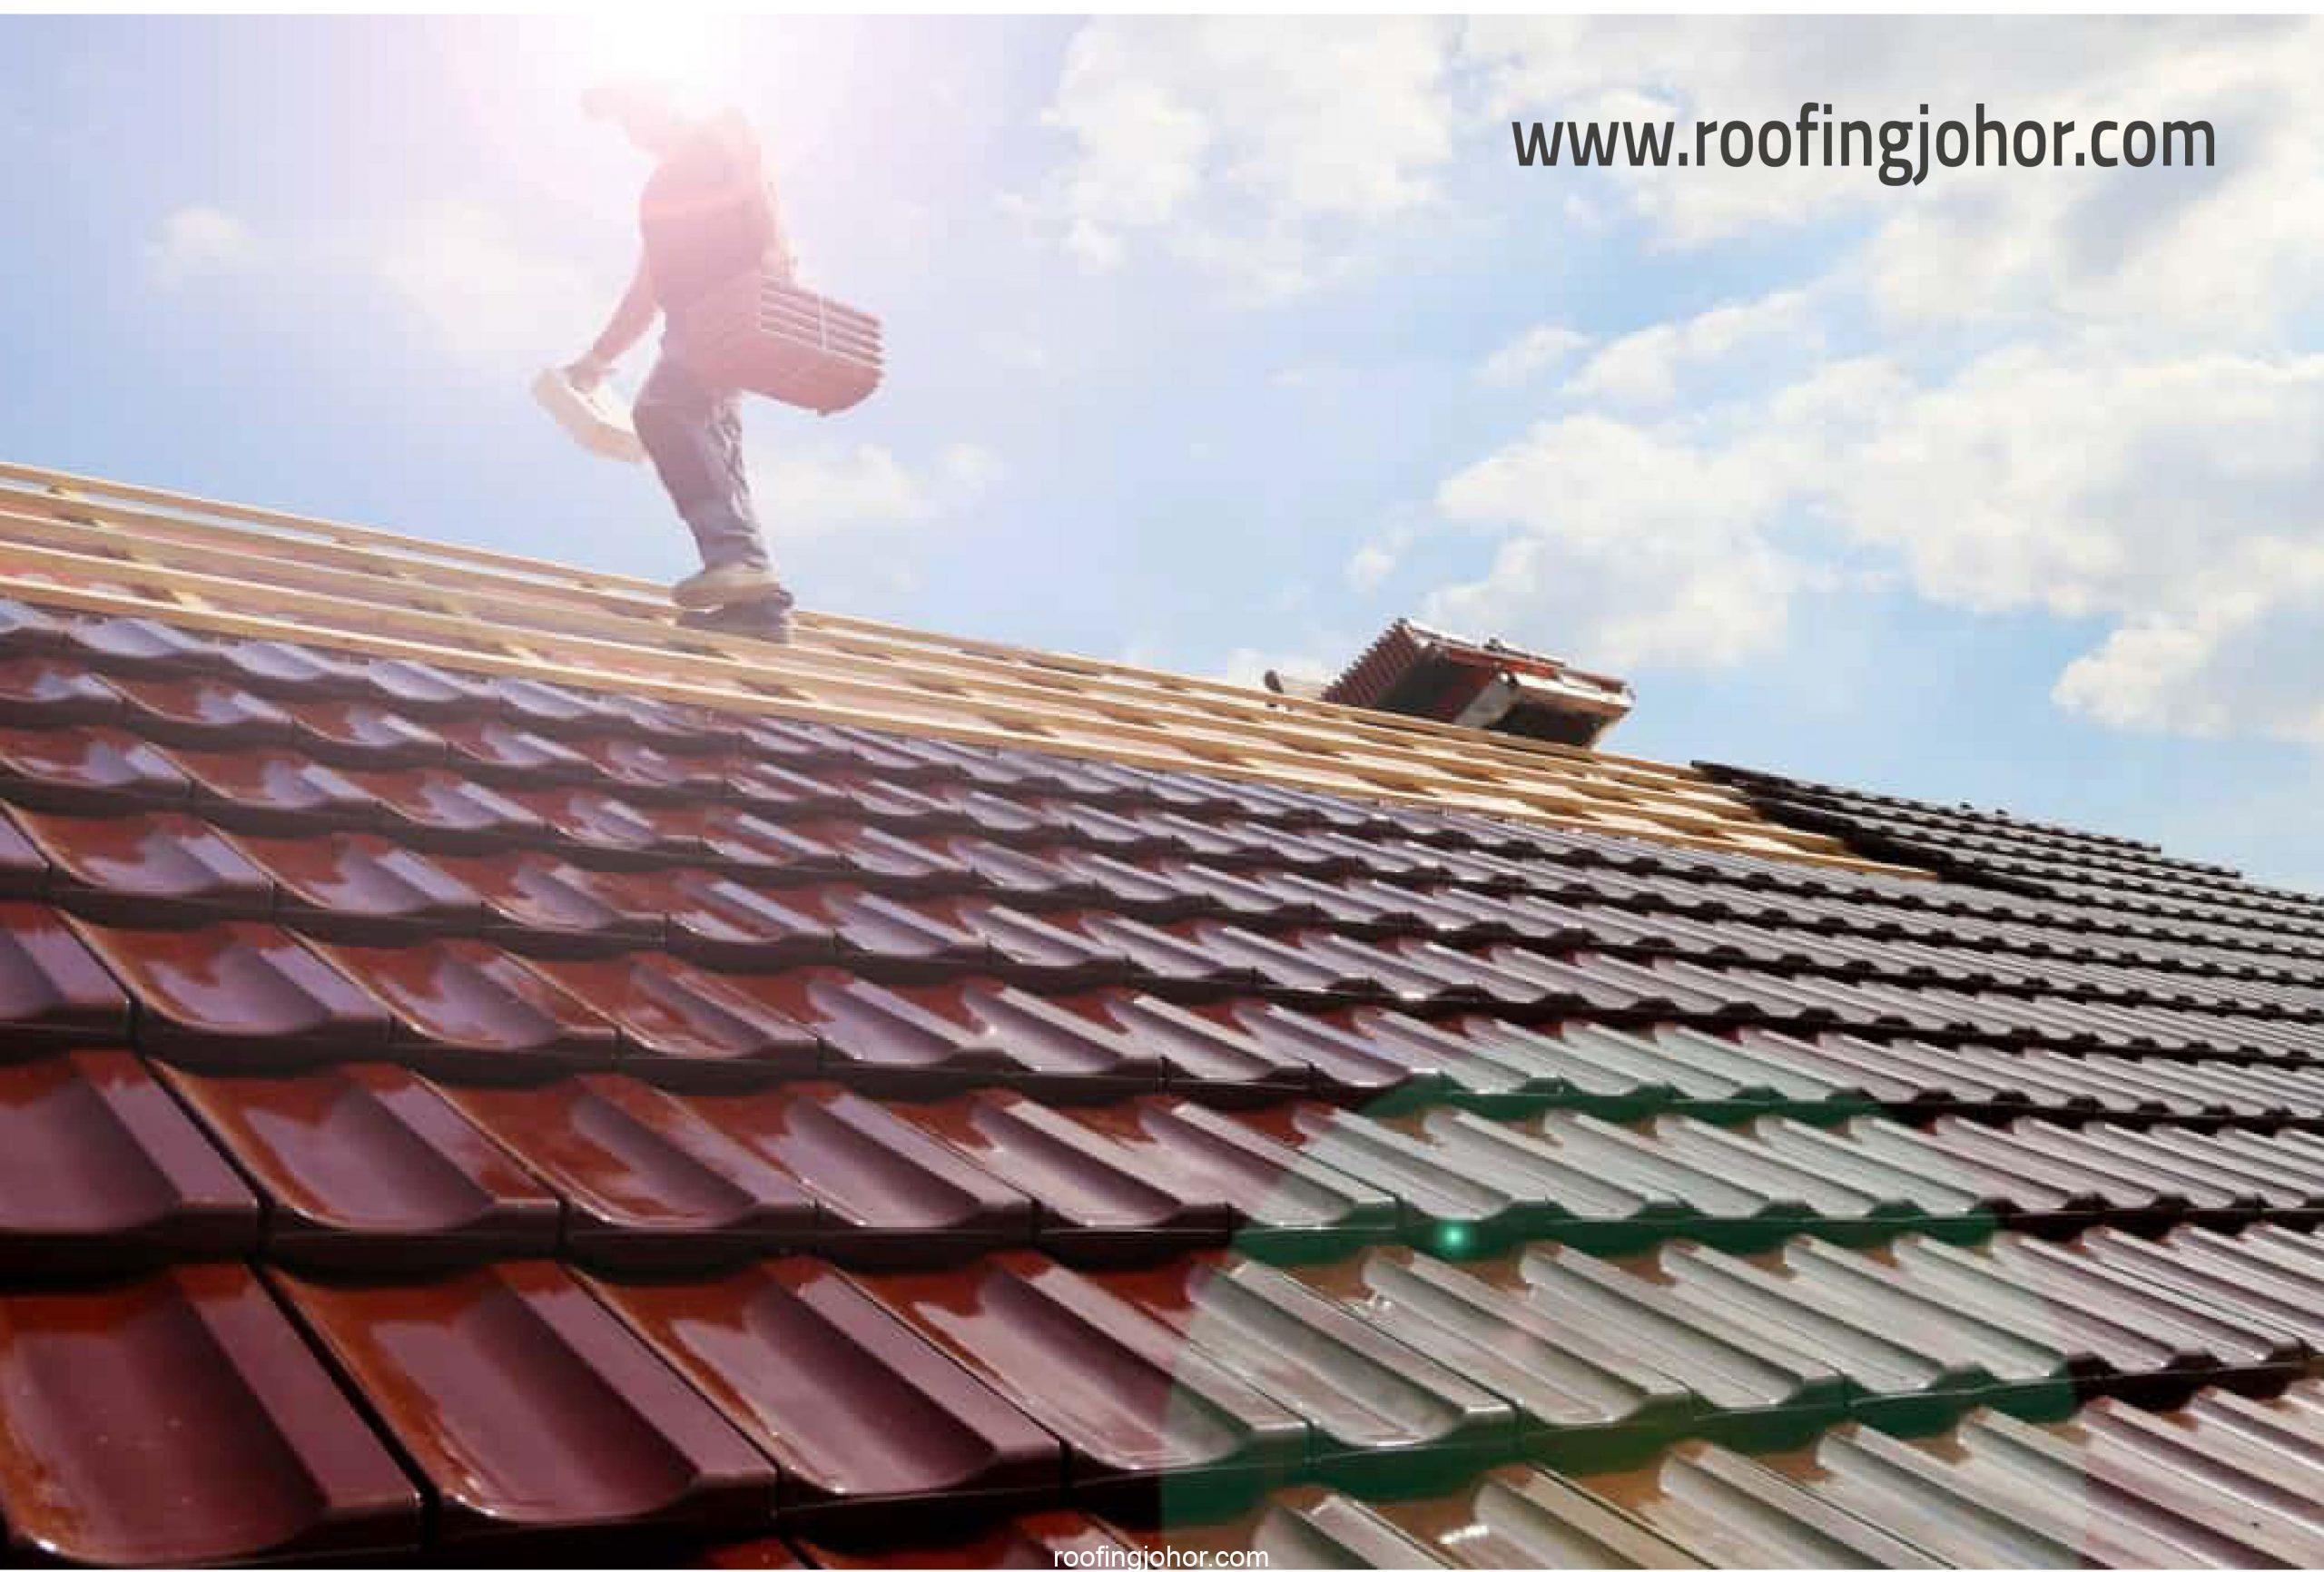 roofing contractor in johor bahru